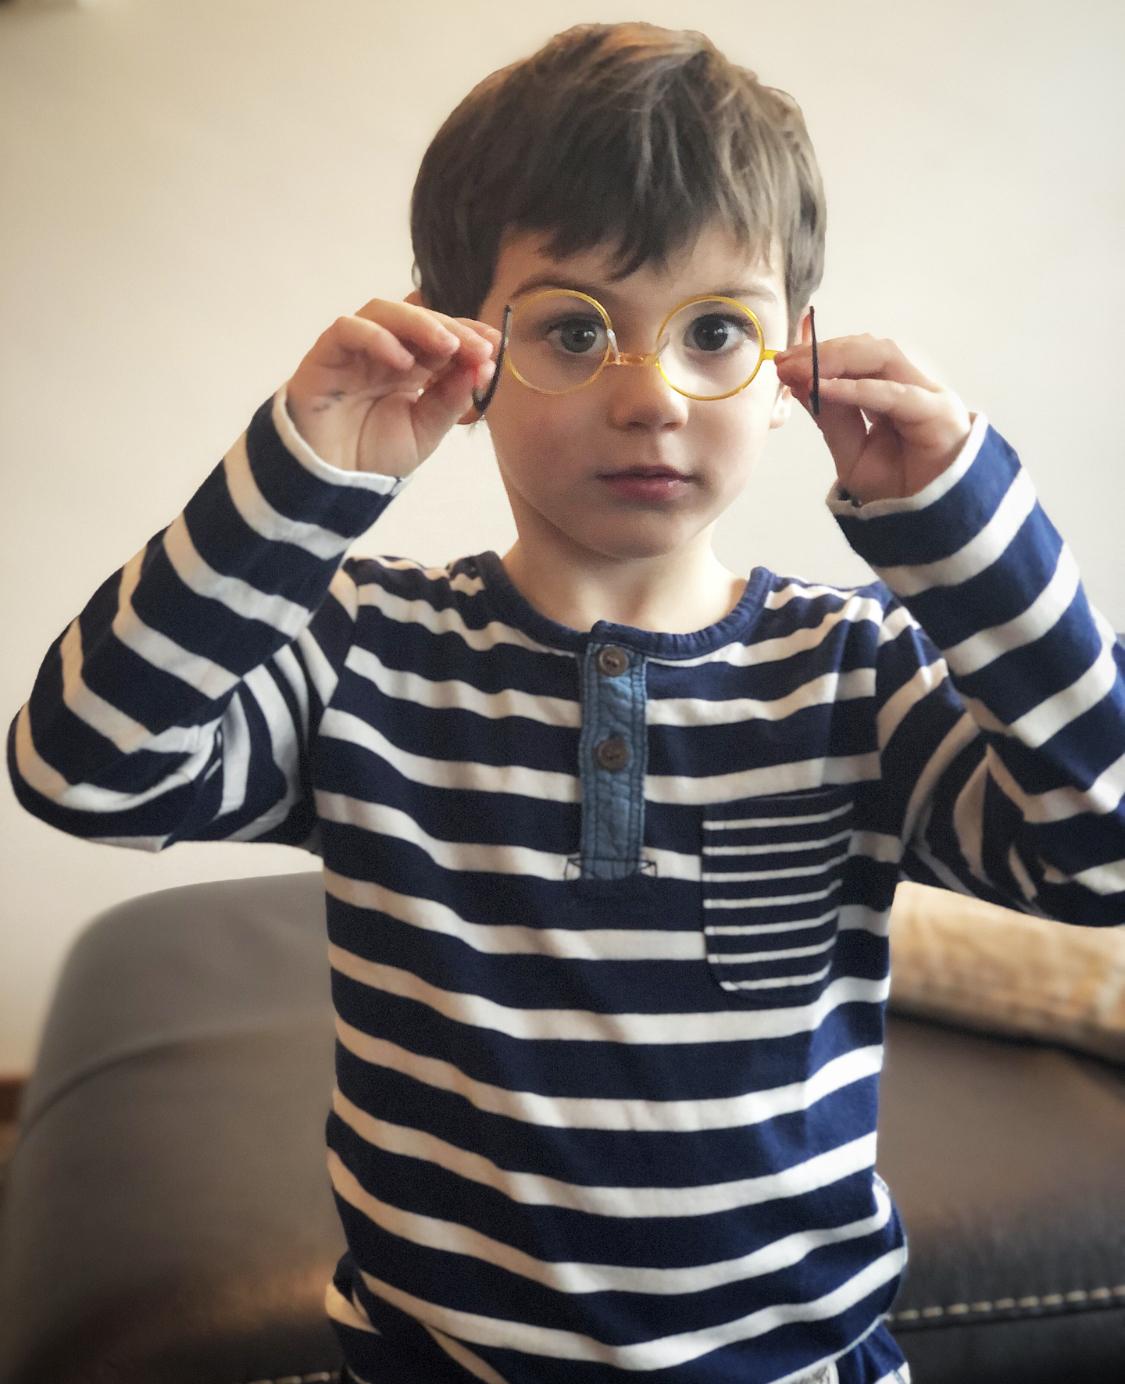 bambino-con-i-suoi-primi-occhiali